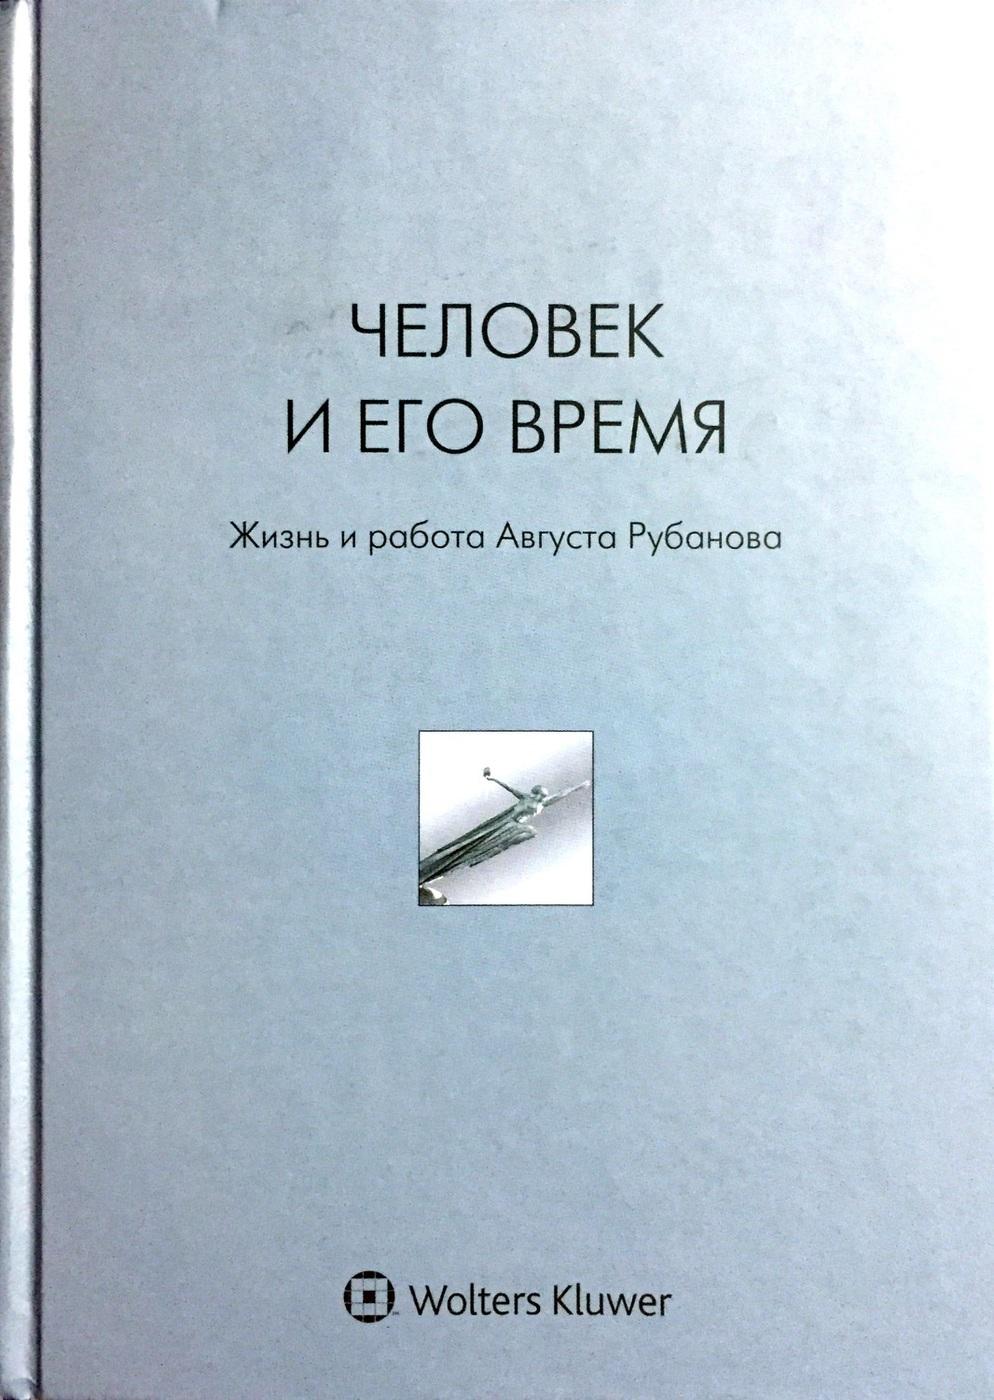 Хазова Ольга Александровна. Человек и его время. Жизнь и работа Августа Рубанова